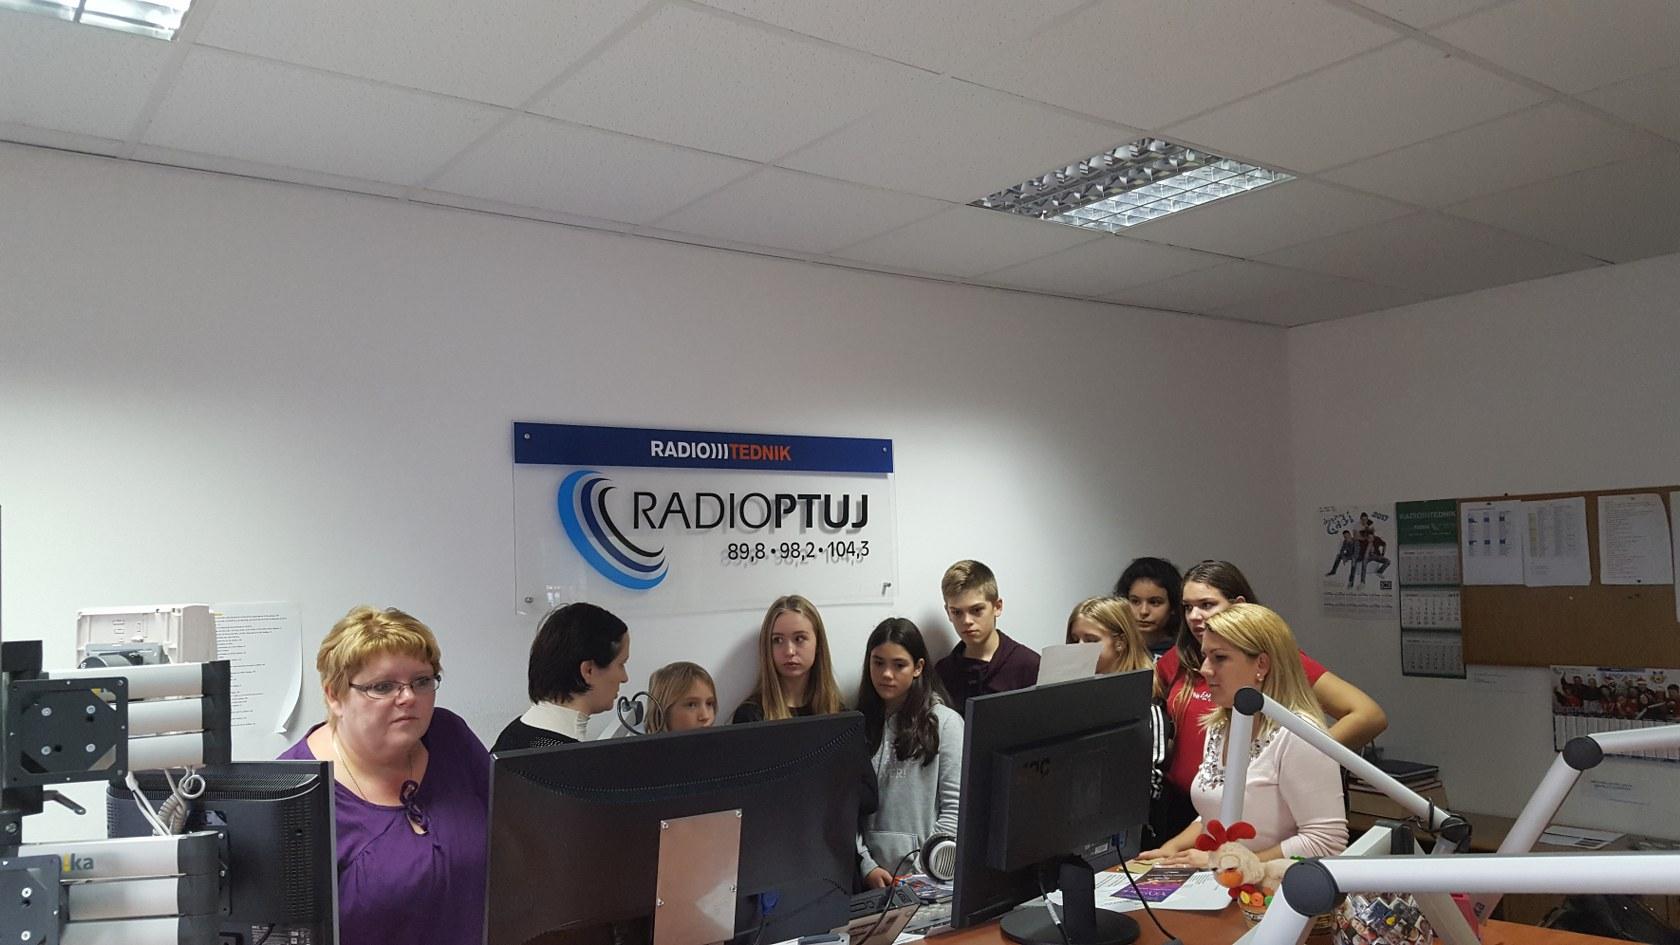 obisk-radia-tednik-ptuj-novinar-8_1680x945